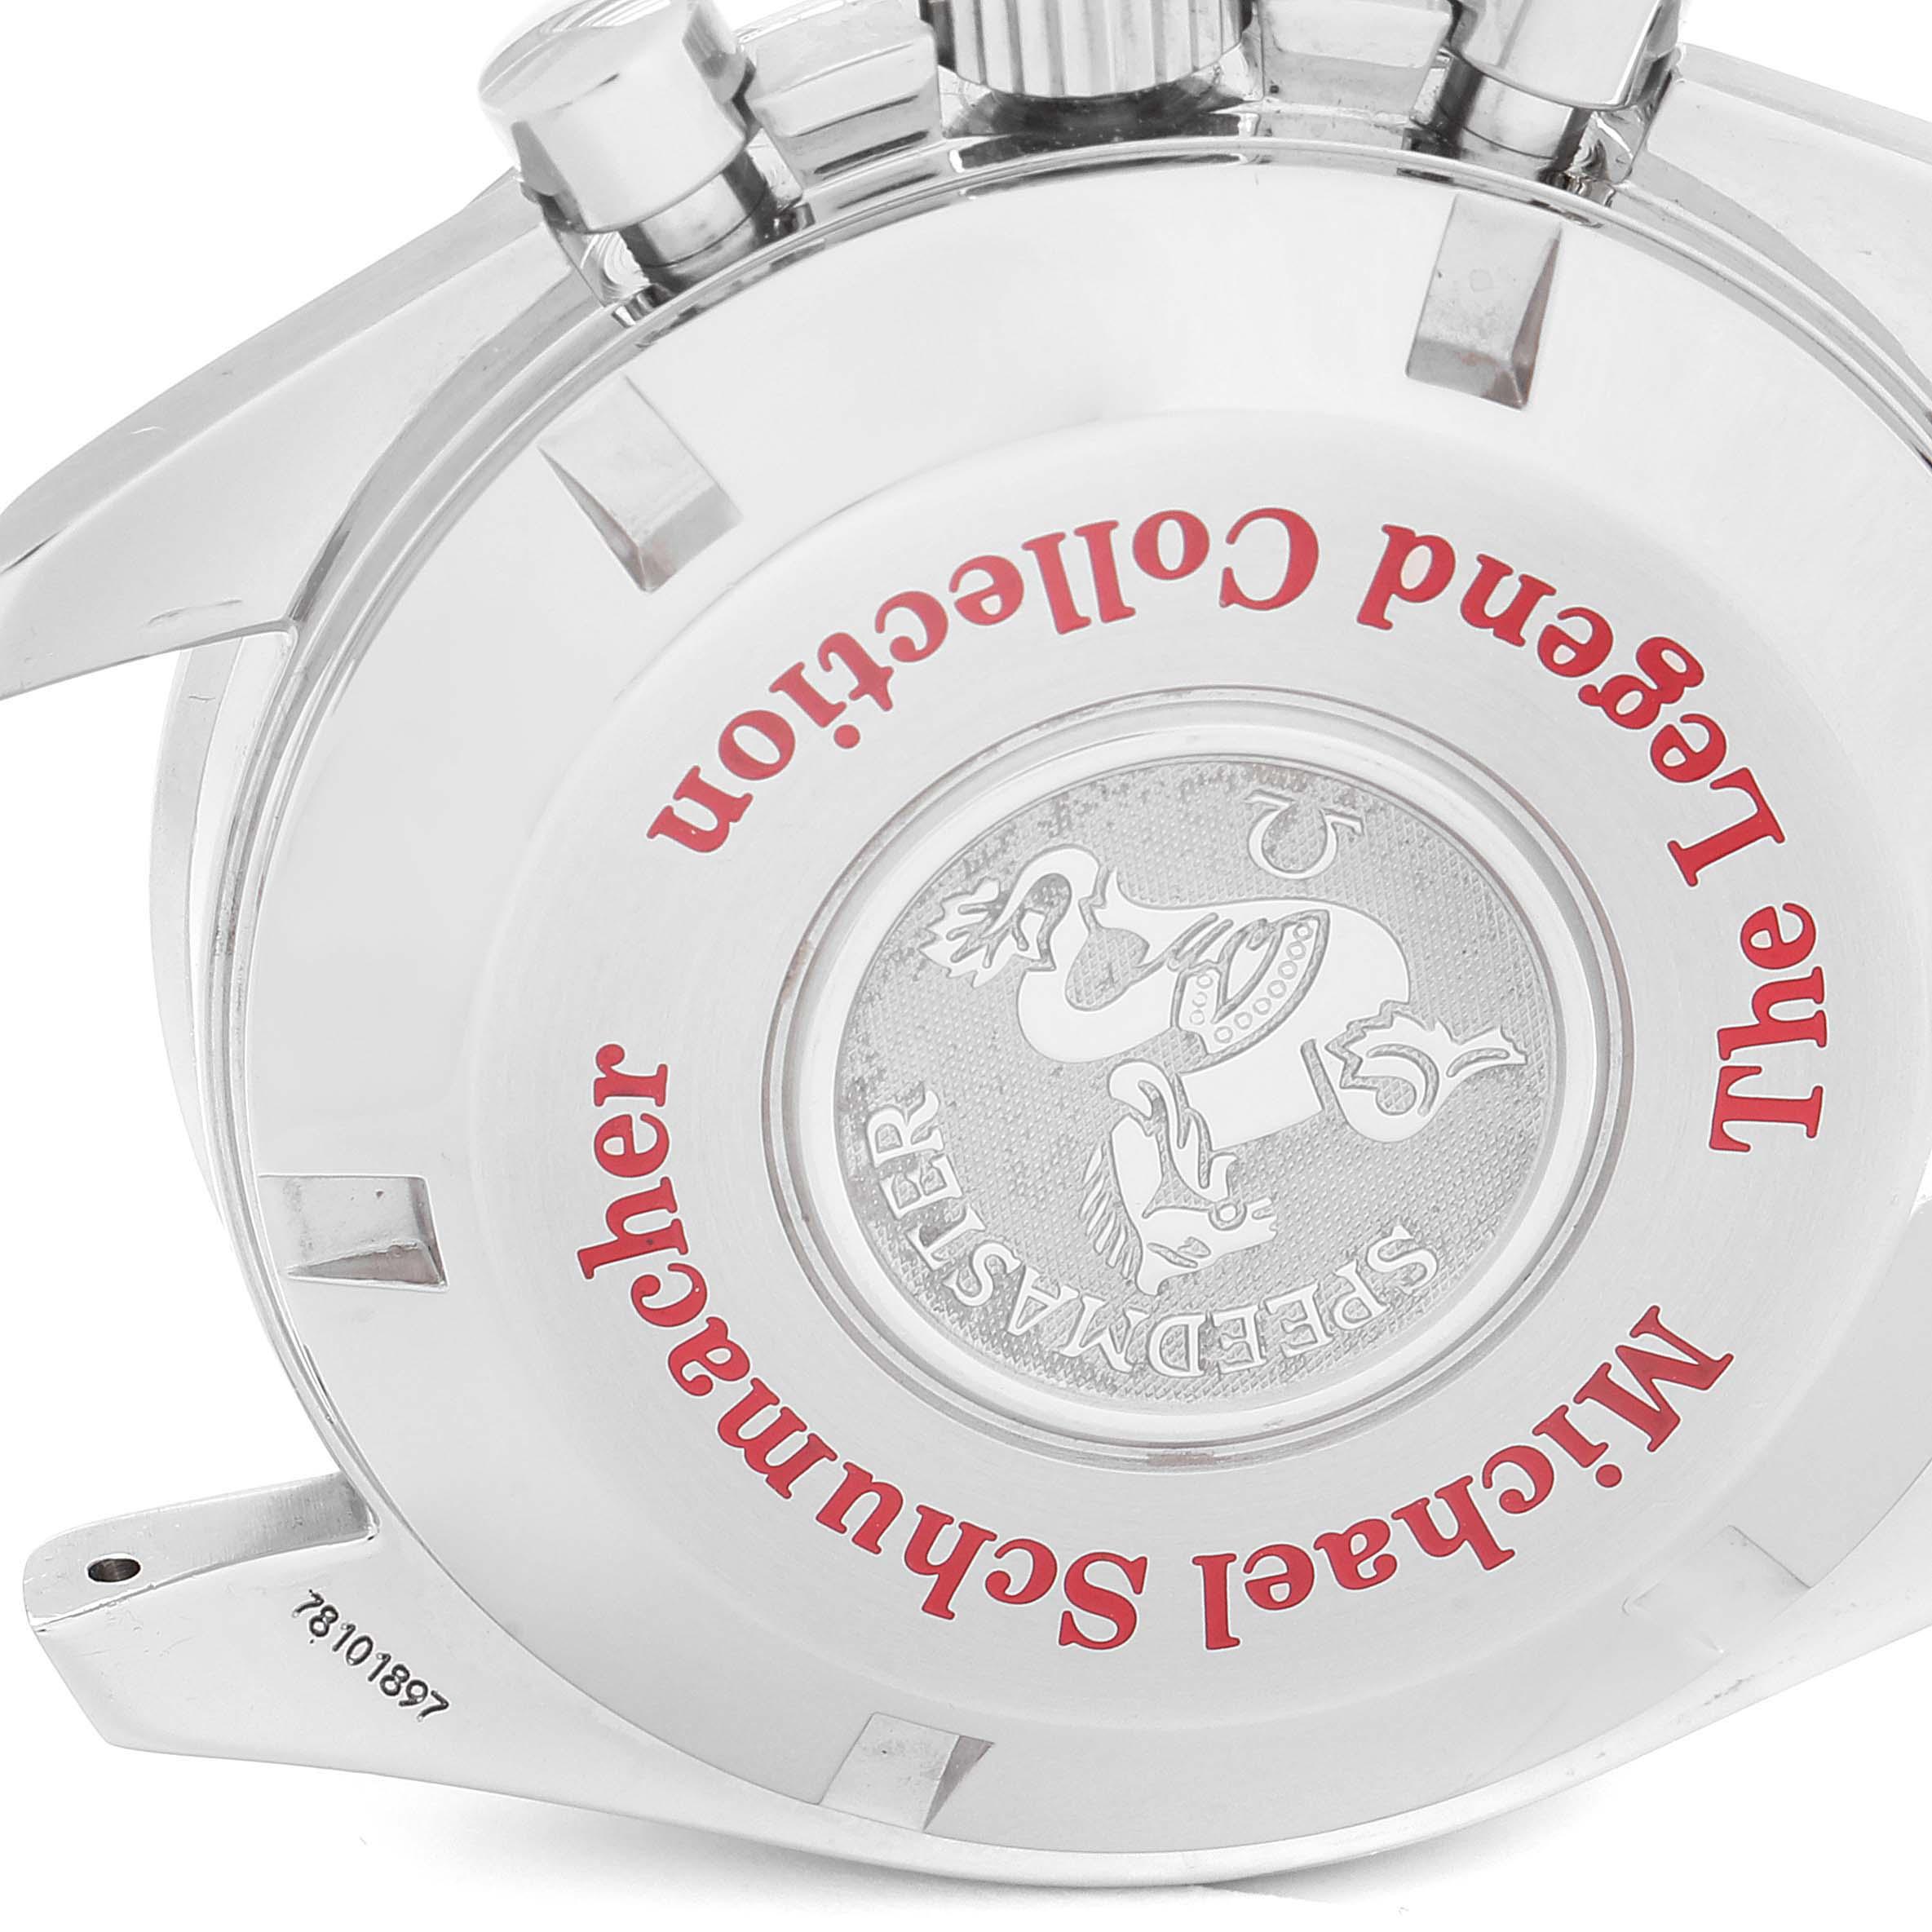 Omega Speedmaster Schumacher Legend Limited Edition Watch 3507.51.00 Box SwissWatchExpo